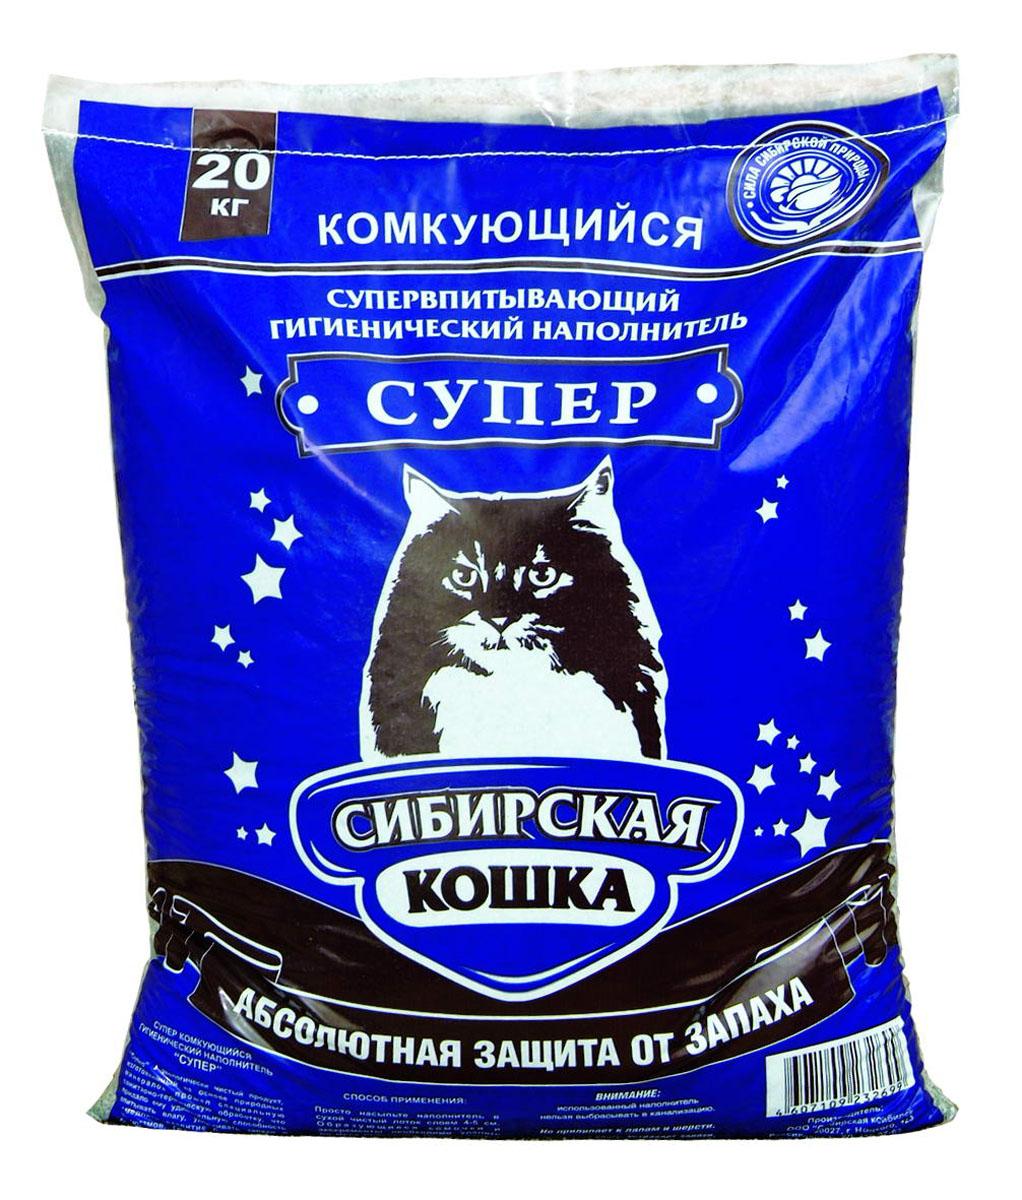 Наполнитель для кошачьих туалетов Сибирская Кошка Супер, комкующийся, 20 кг наполнитель для кошачьих туалетов кошкин секрет древесный 2 5 кг